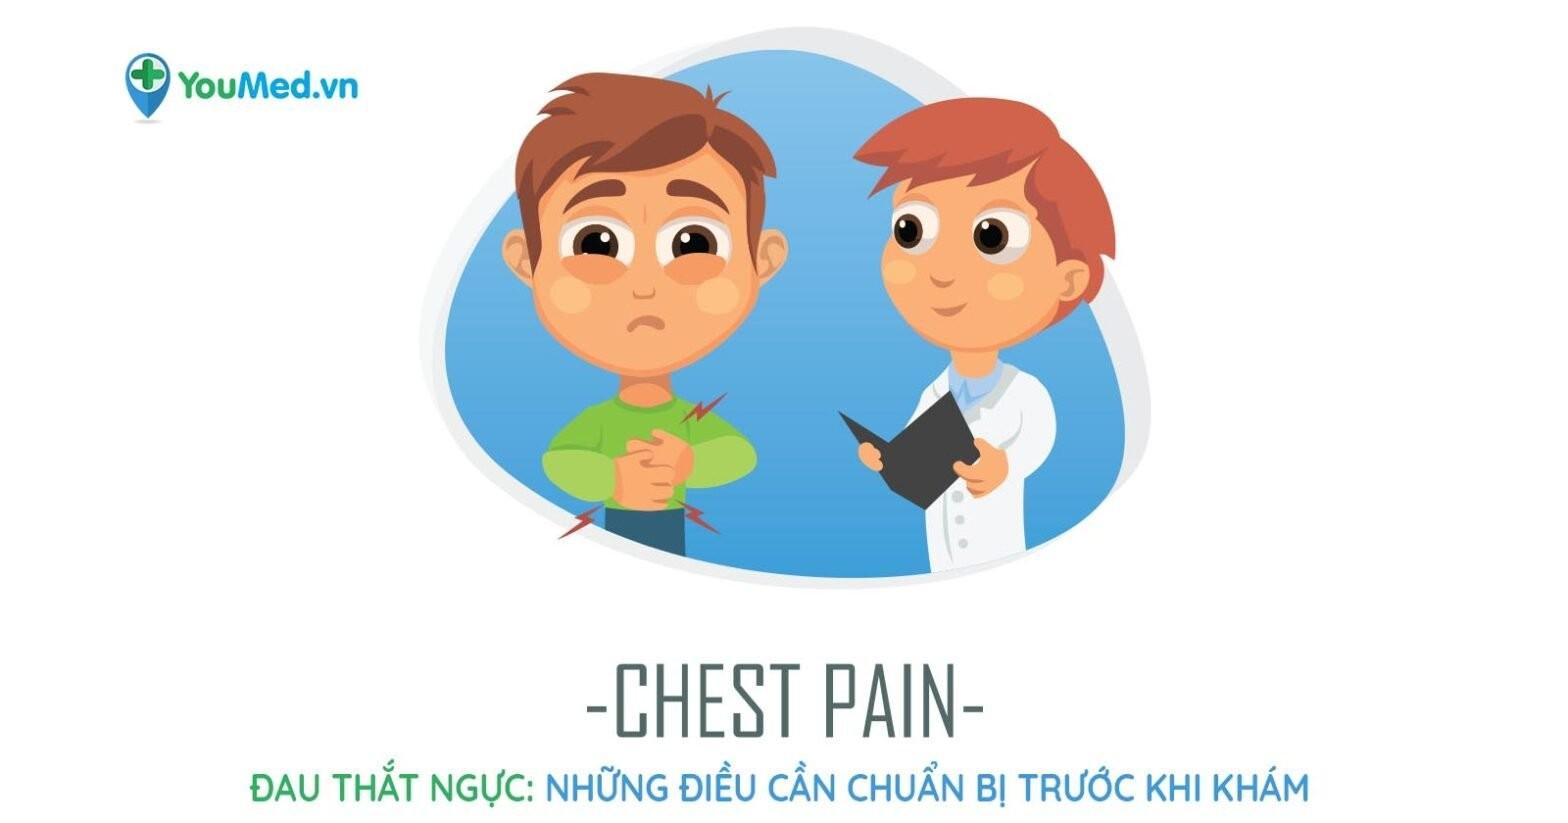 đau thắt ngực những điều cần chuẩn bị trước khi khám